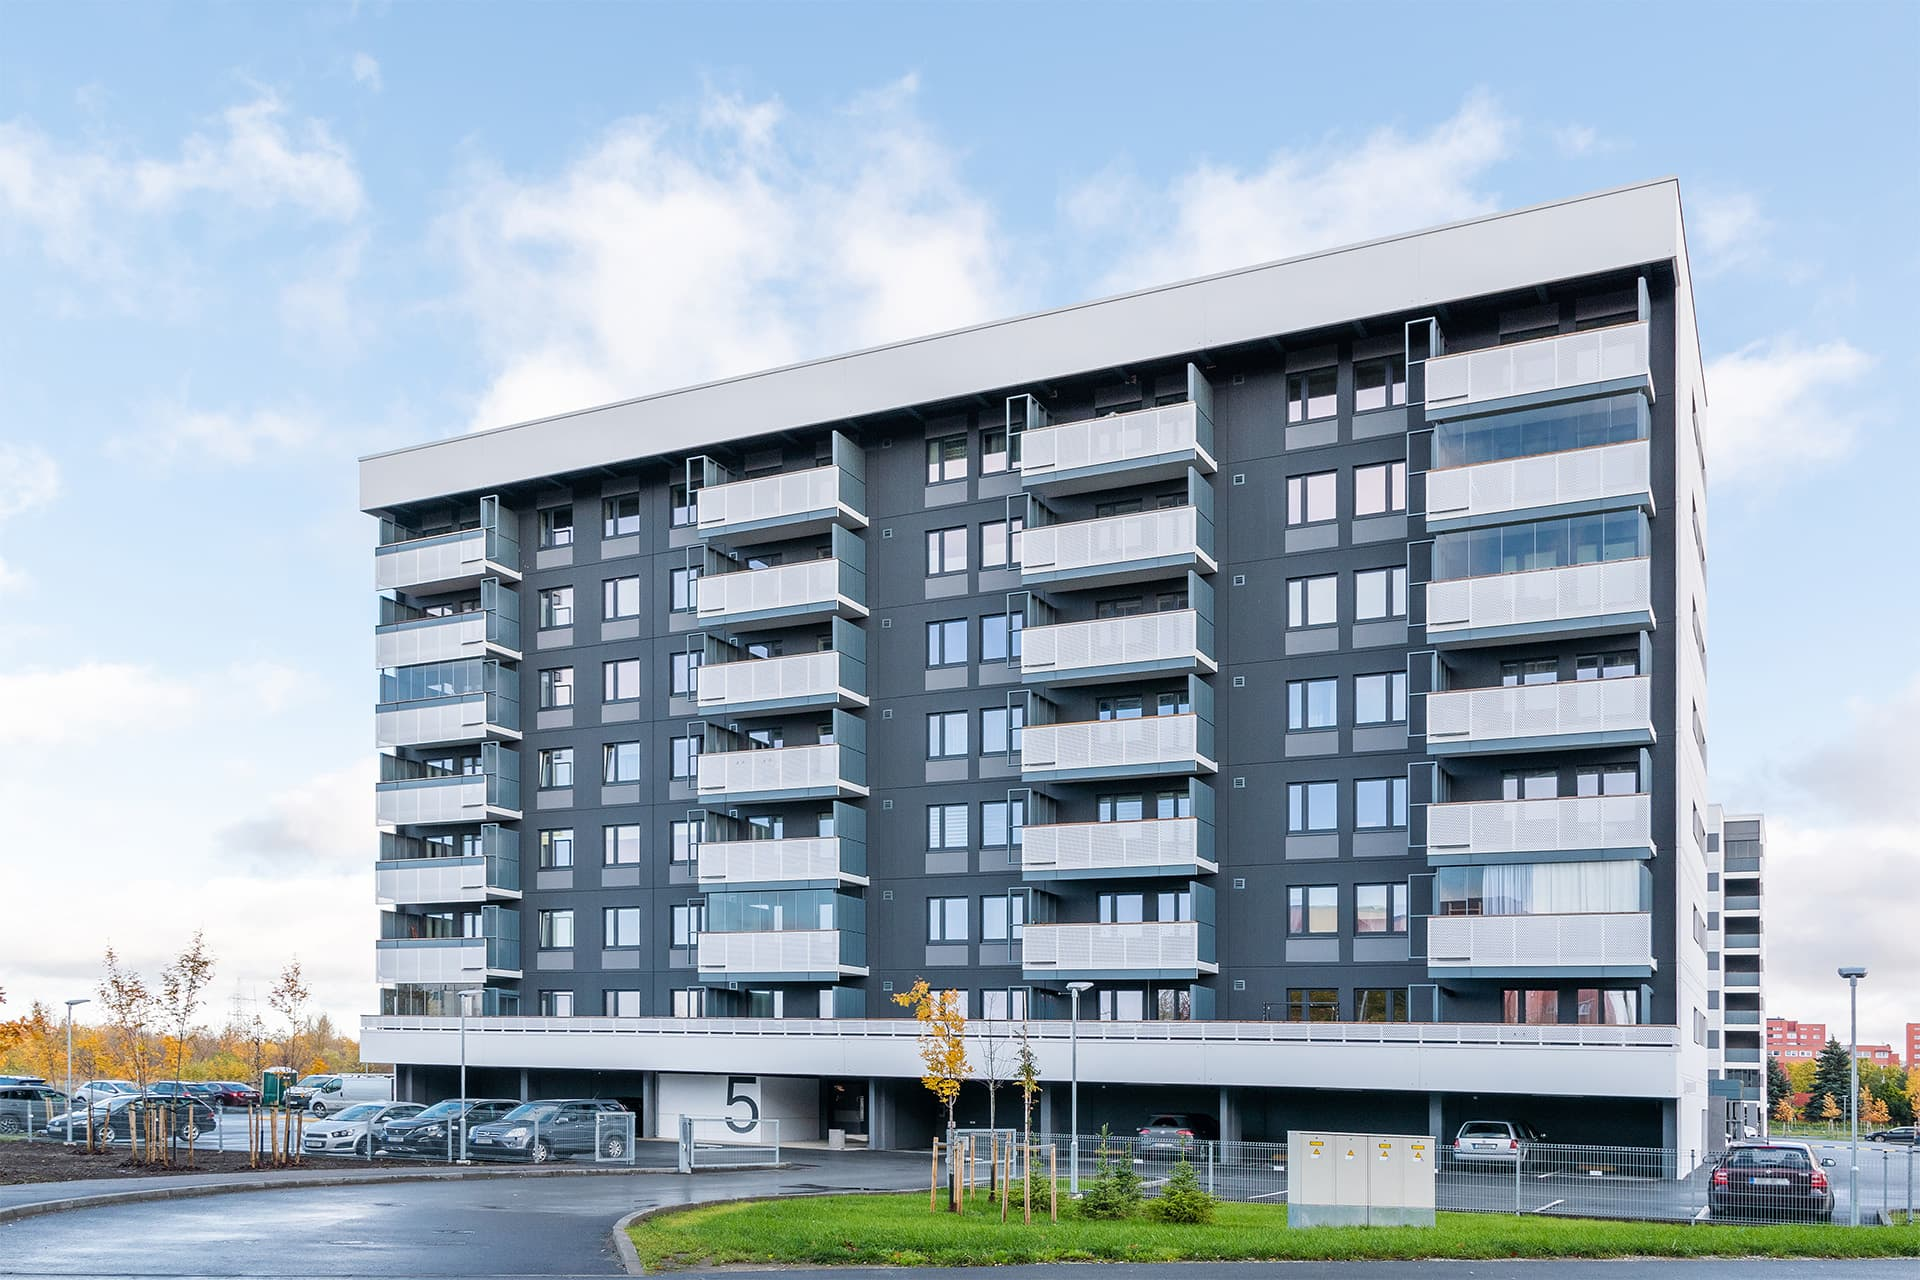 Apartment building at Liikuri 5